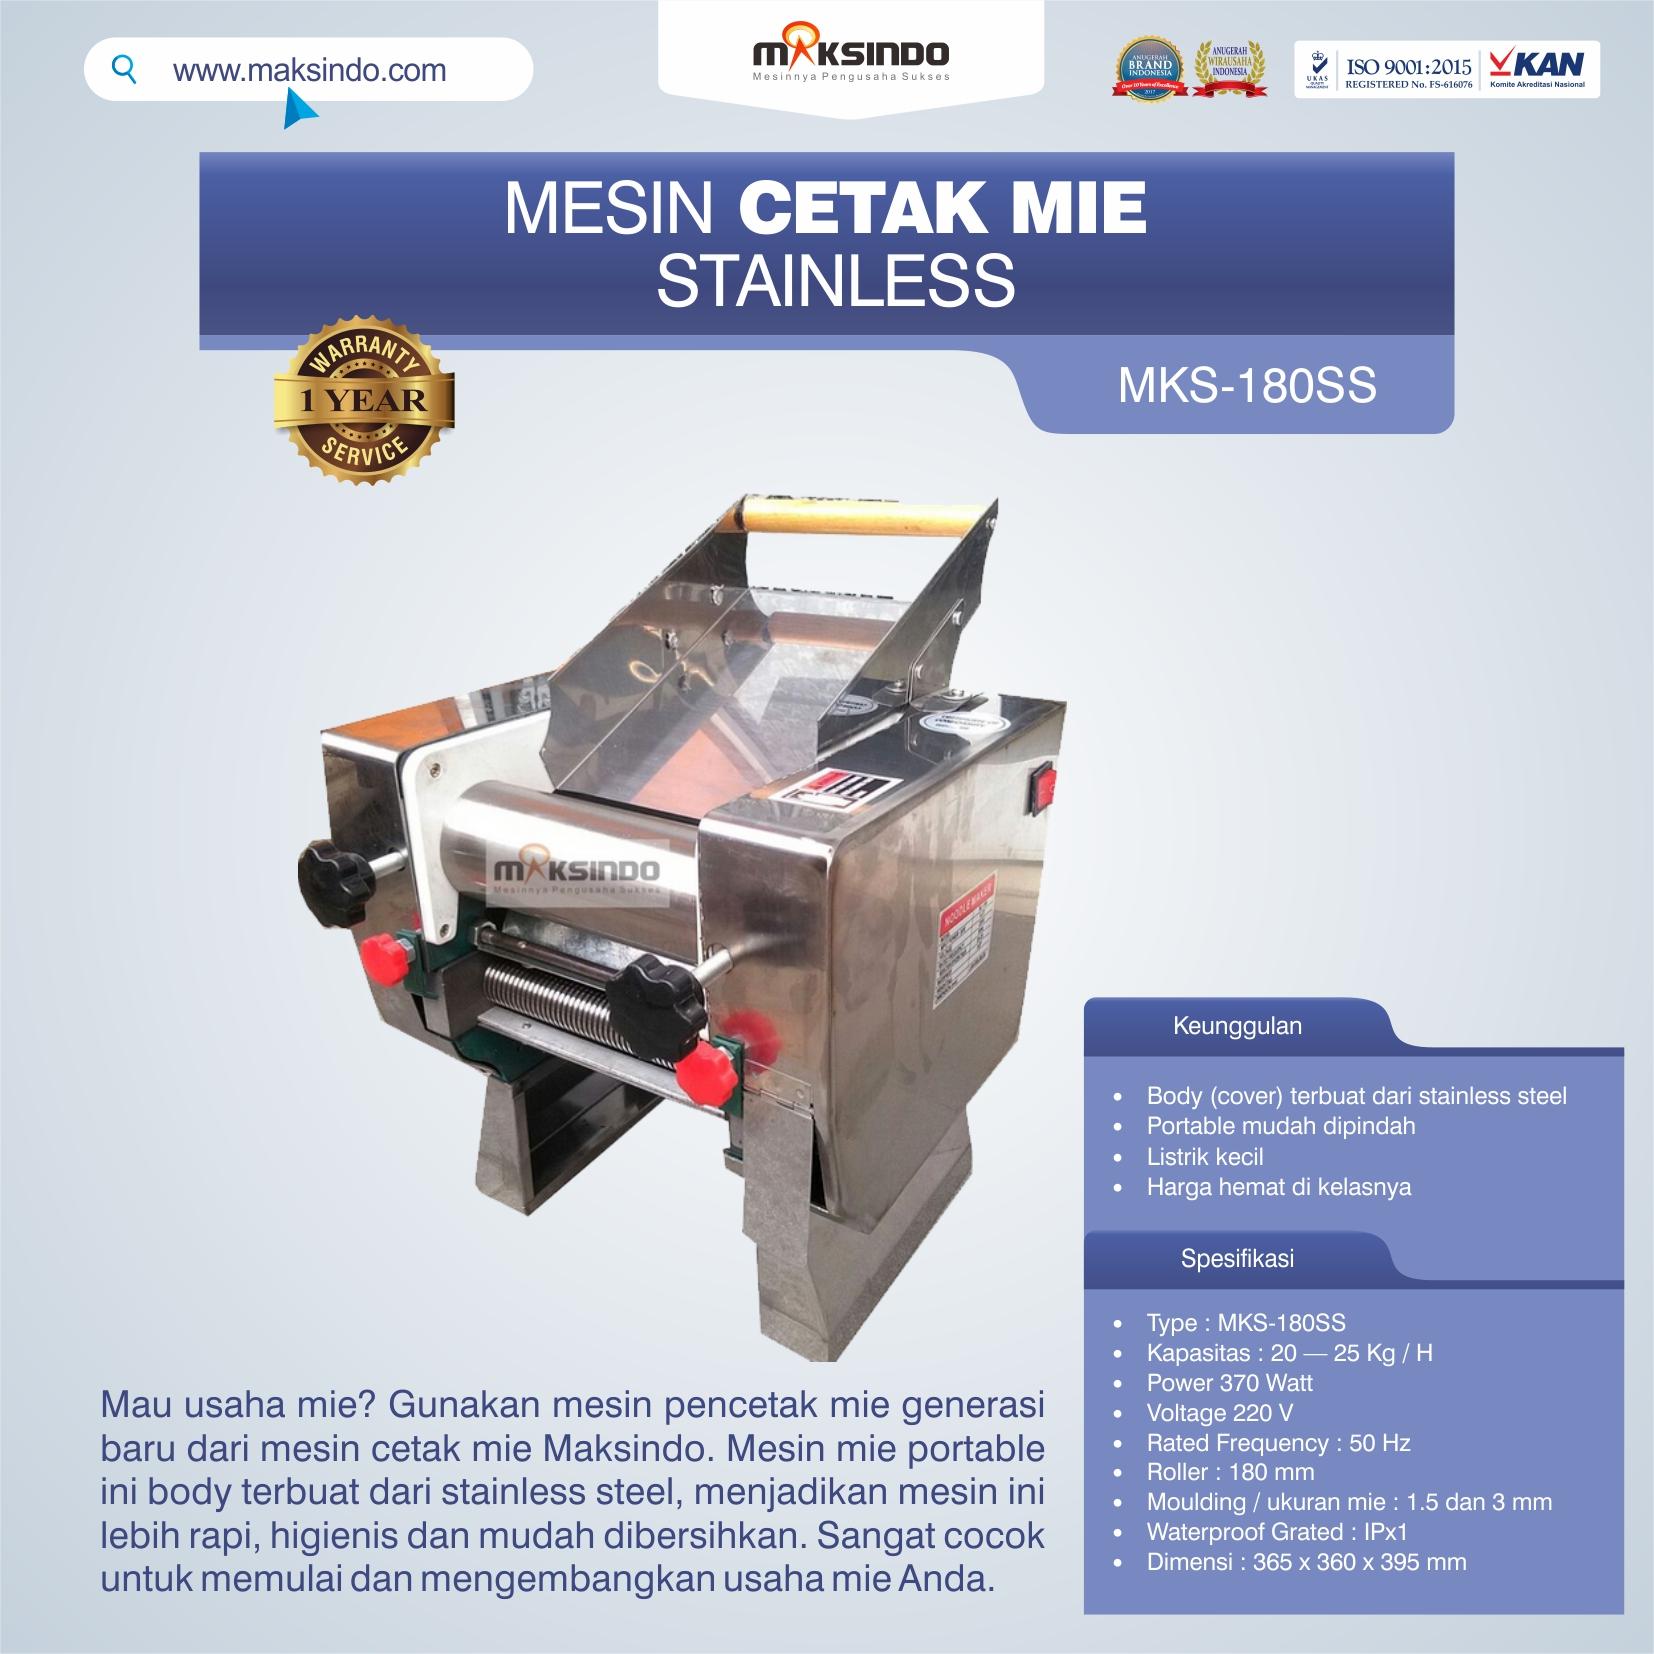 Jual Mesin Cetak Mie Stainless (MKS-180SS) di Pekanbaru